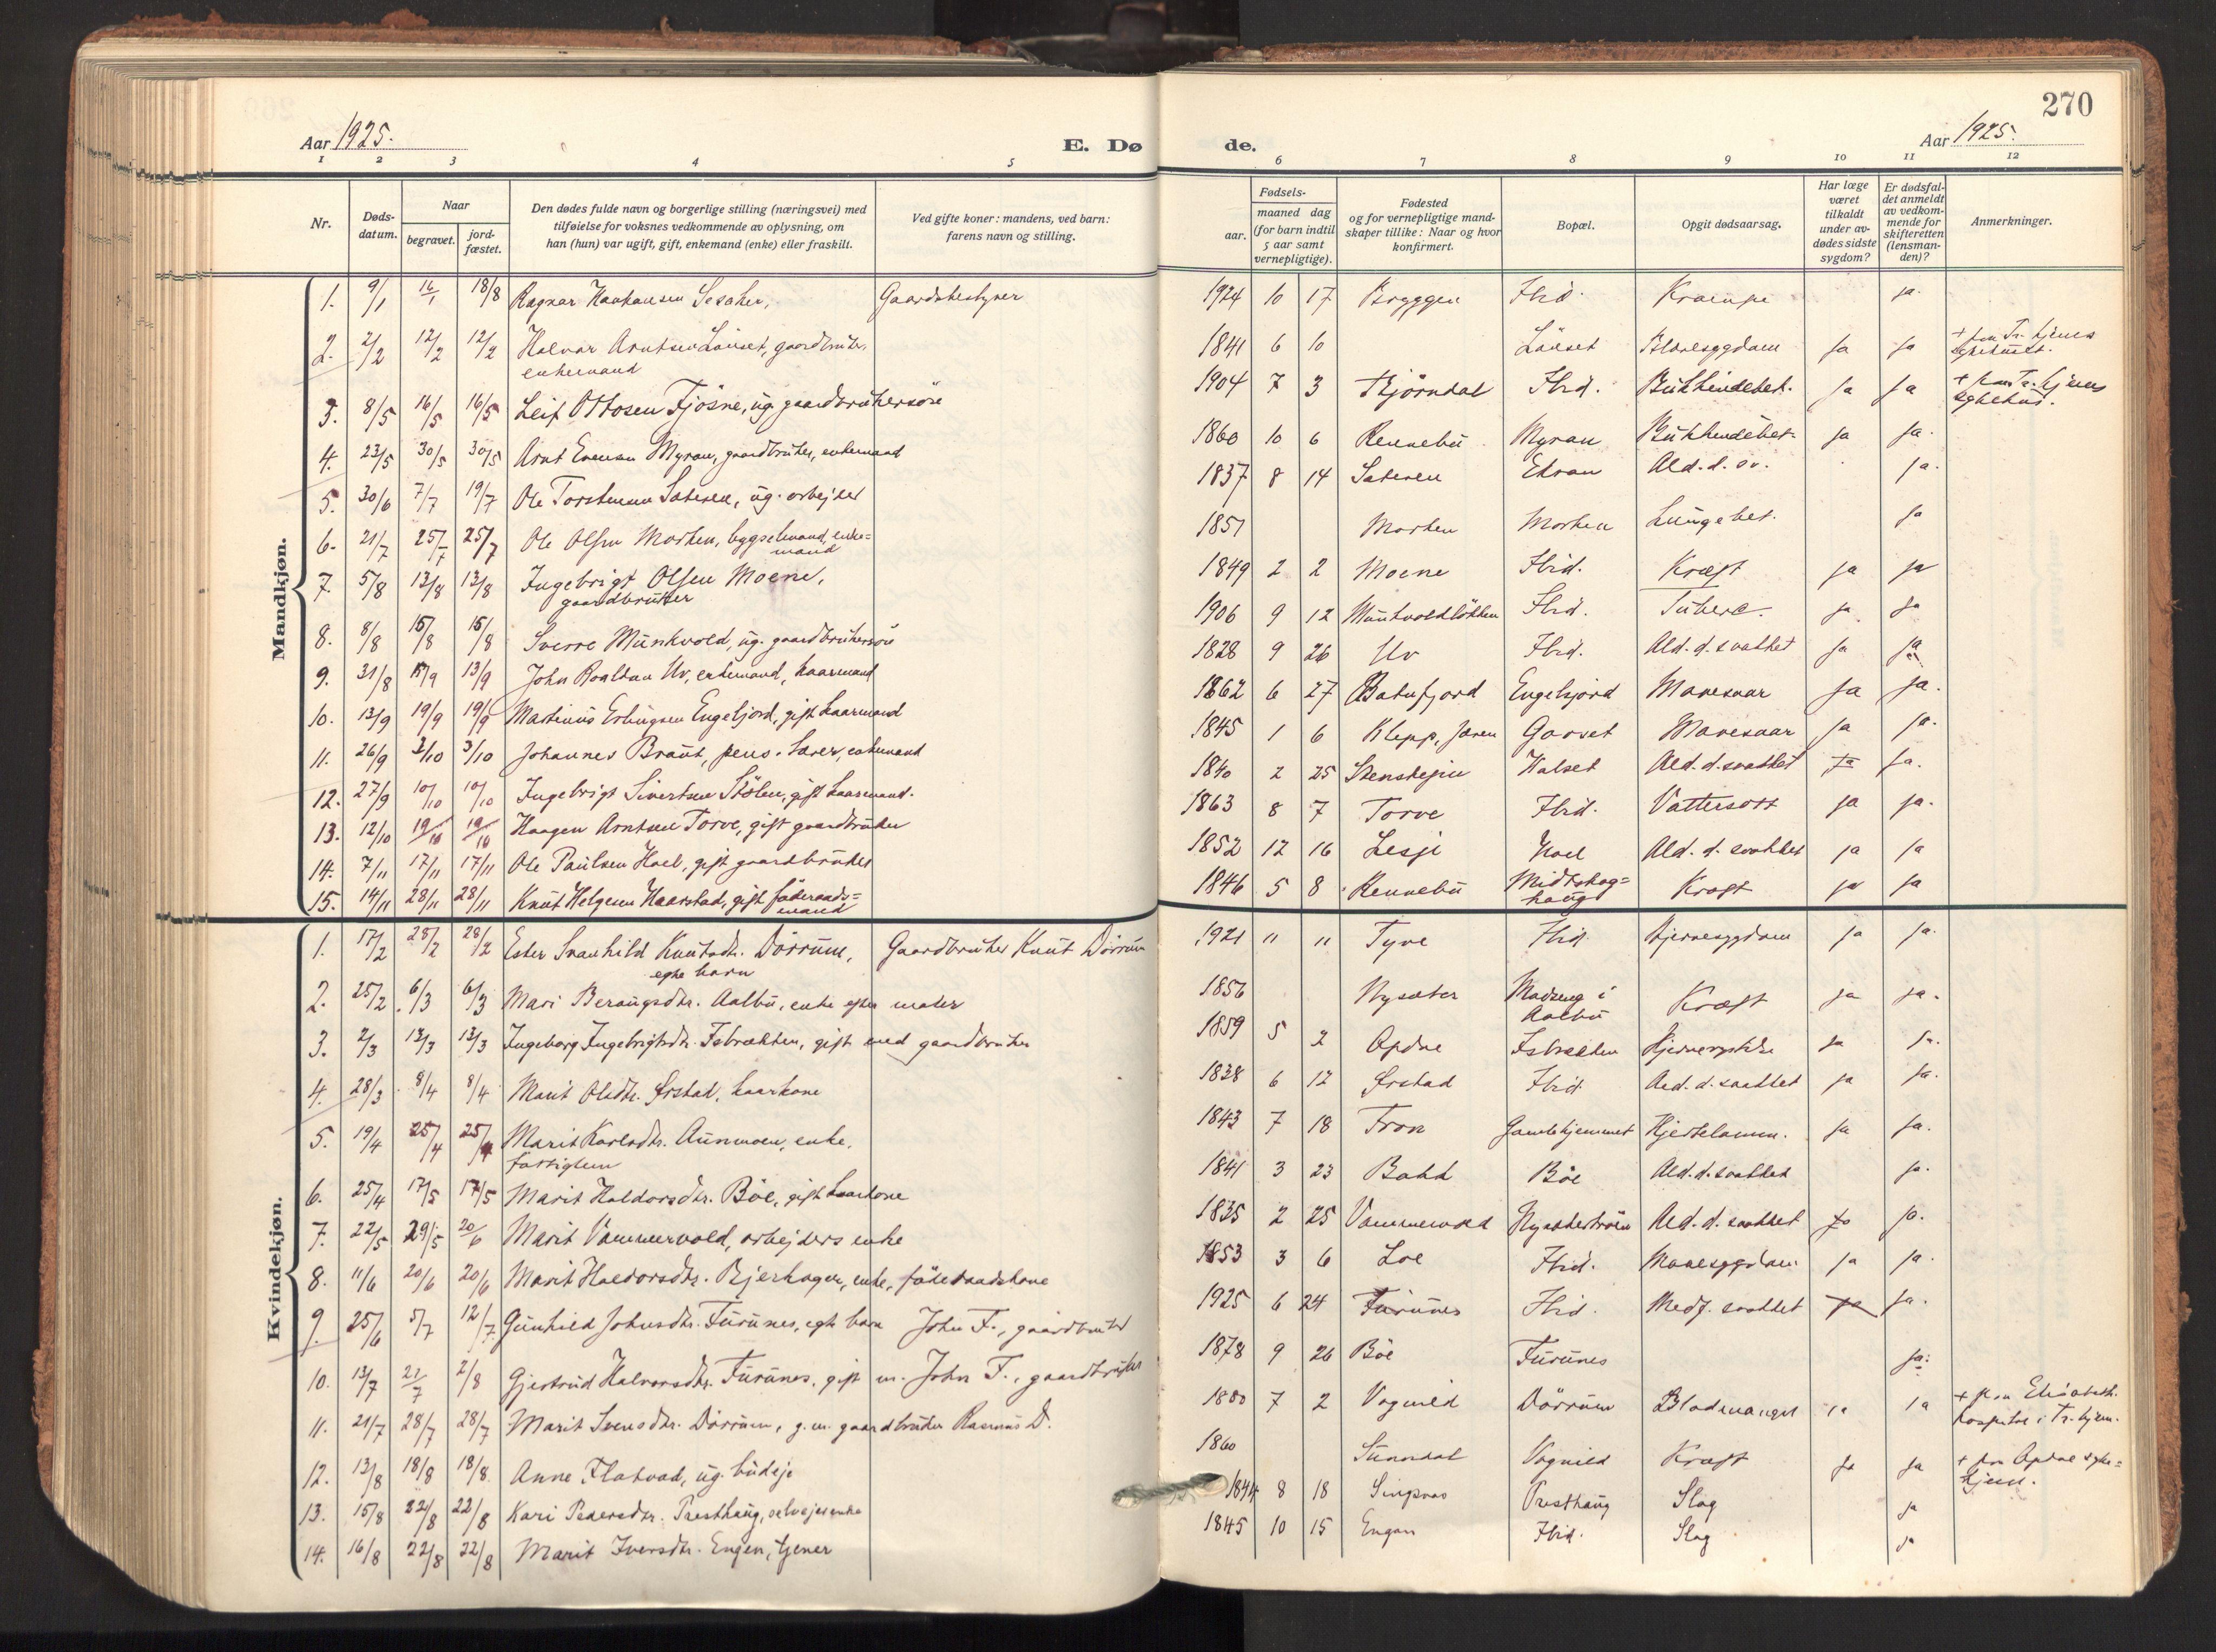 SAT, Ministerialprotokoller, klokkerbøker og fødselsregistre - Sør-Trøndelag, 678/L0909: Ministerialbok nr. 678A17, 1912-1930, s. 270